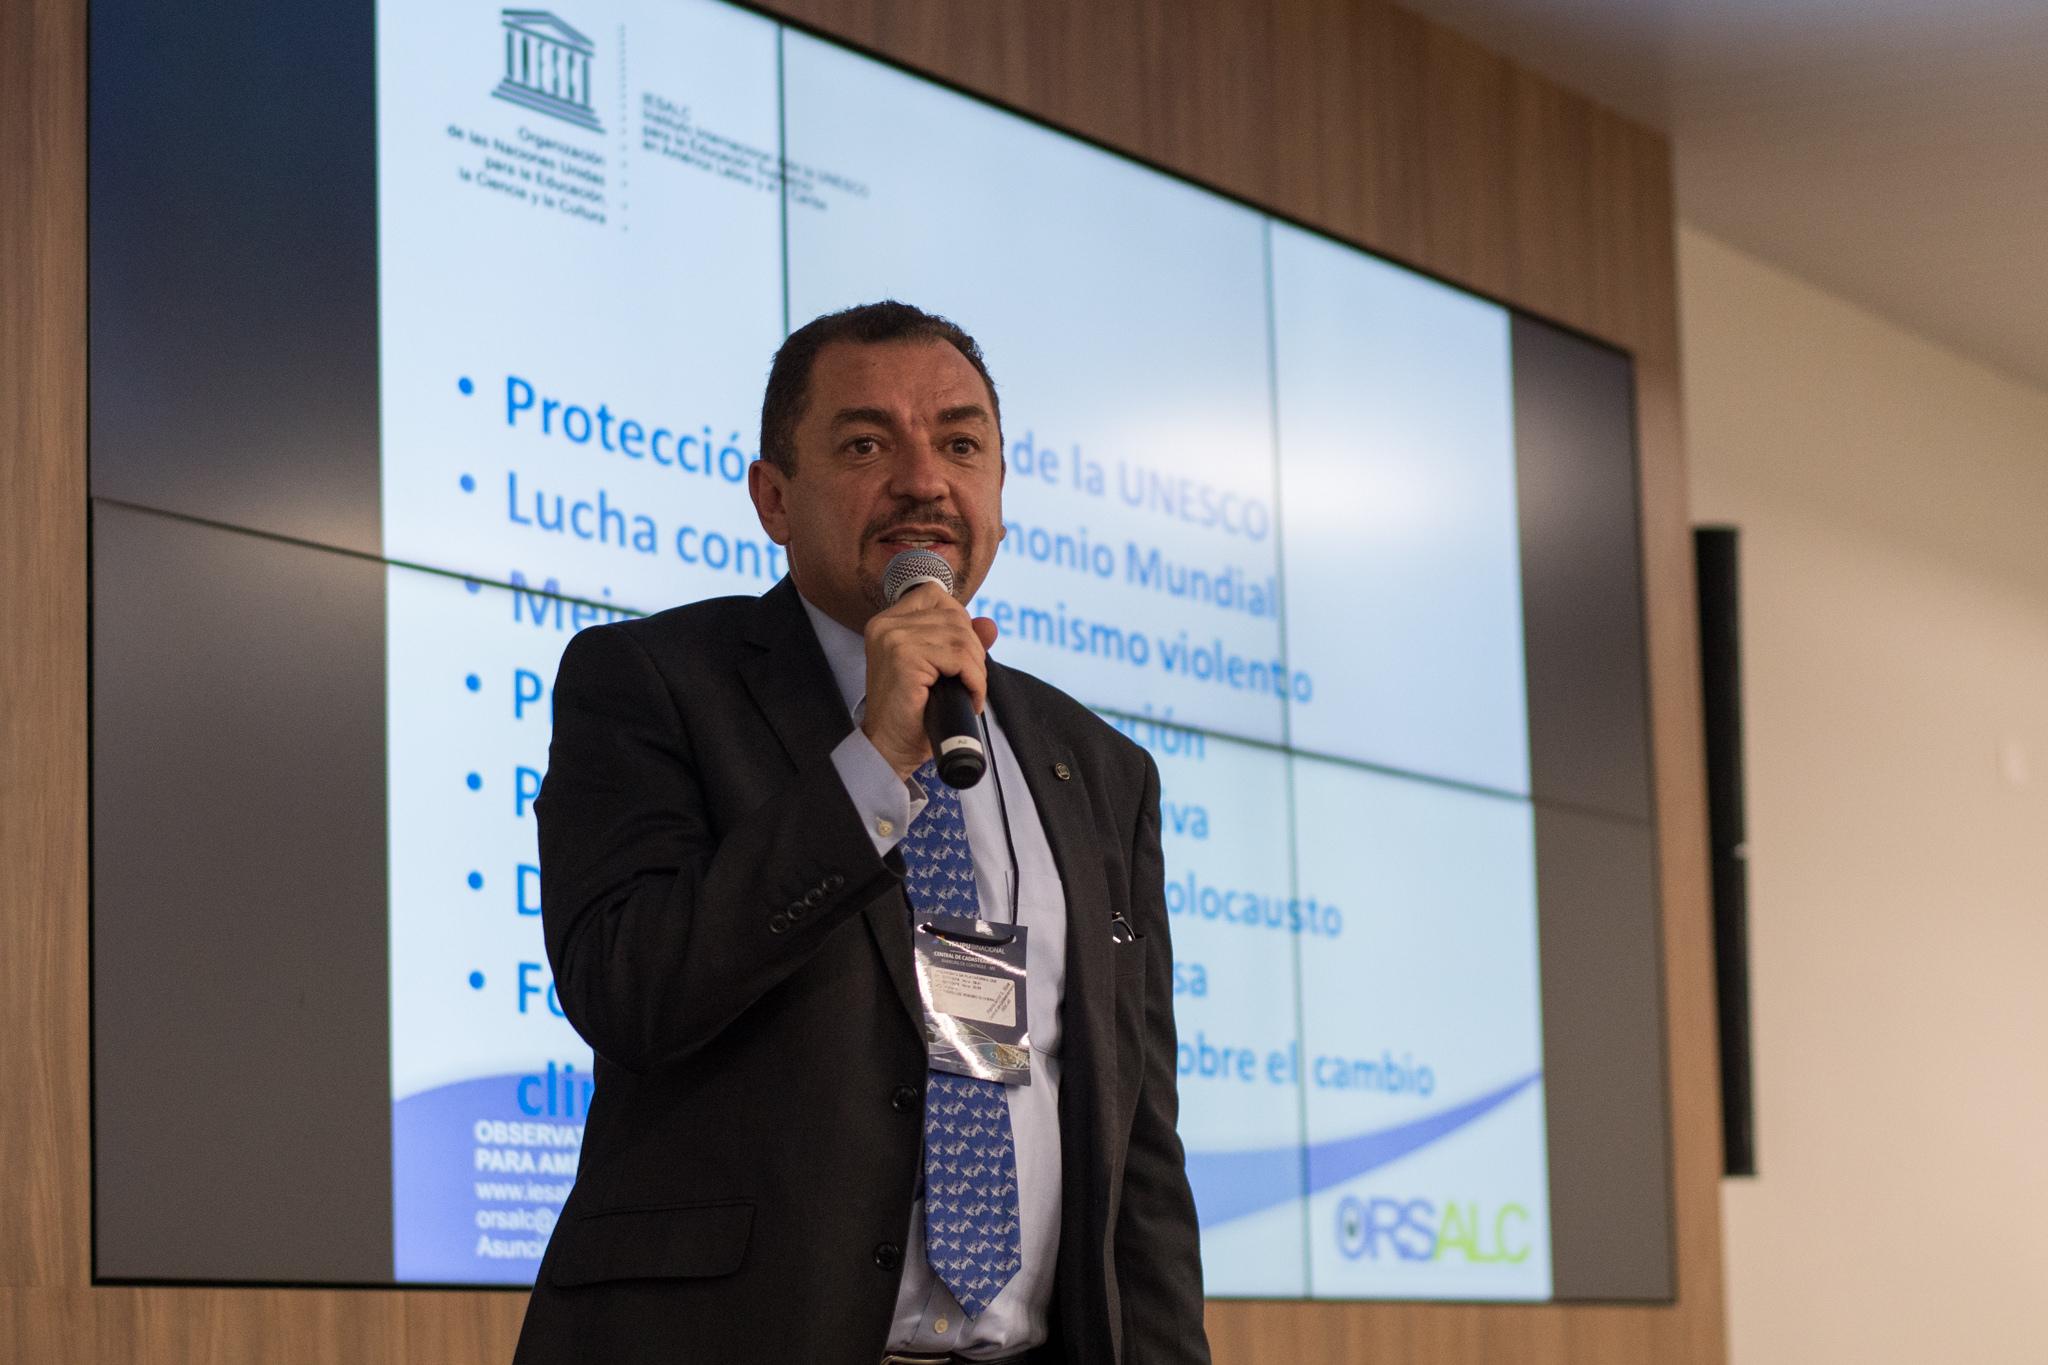 Humberto Grimaldo Durán, representante da Orsalc